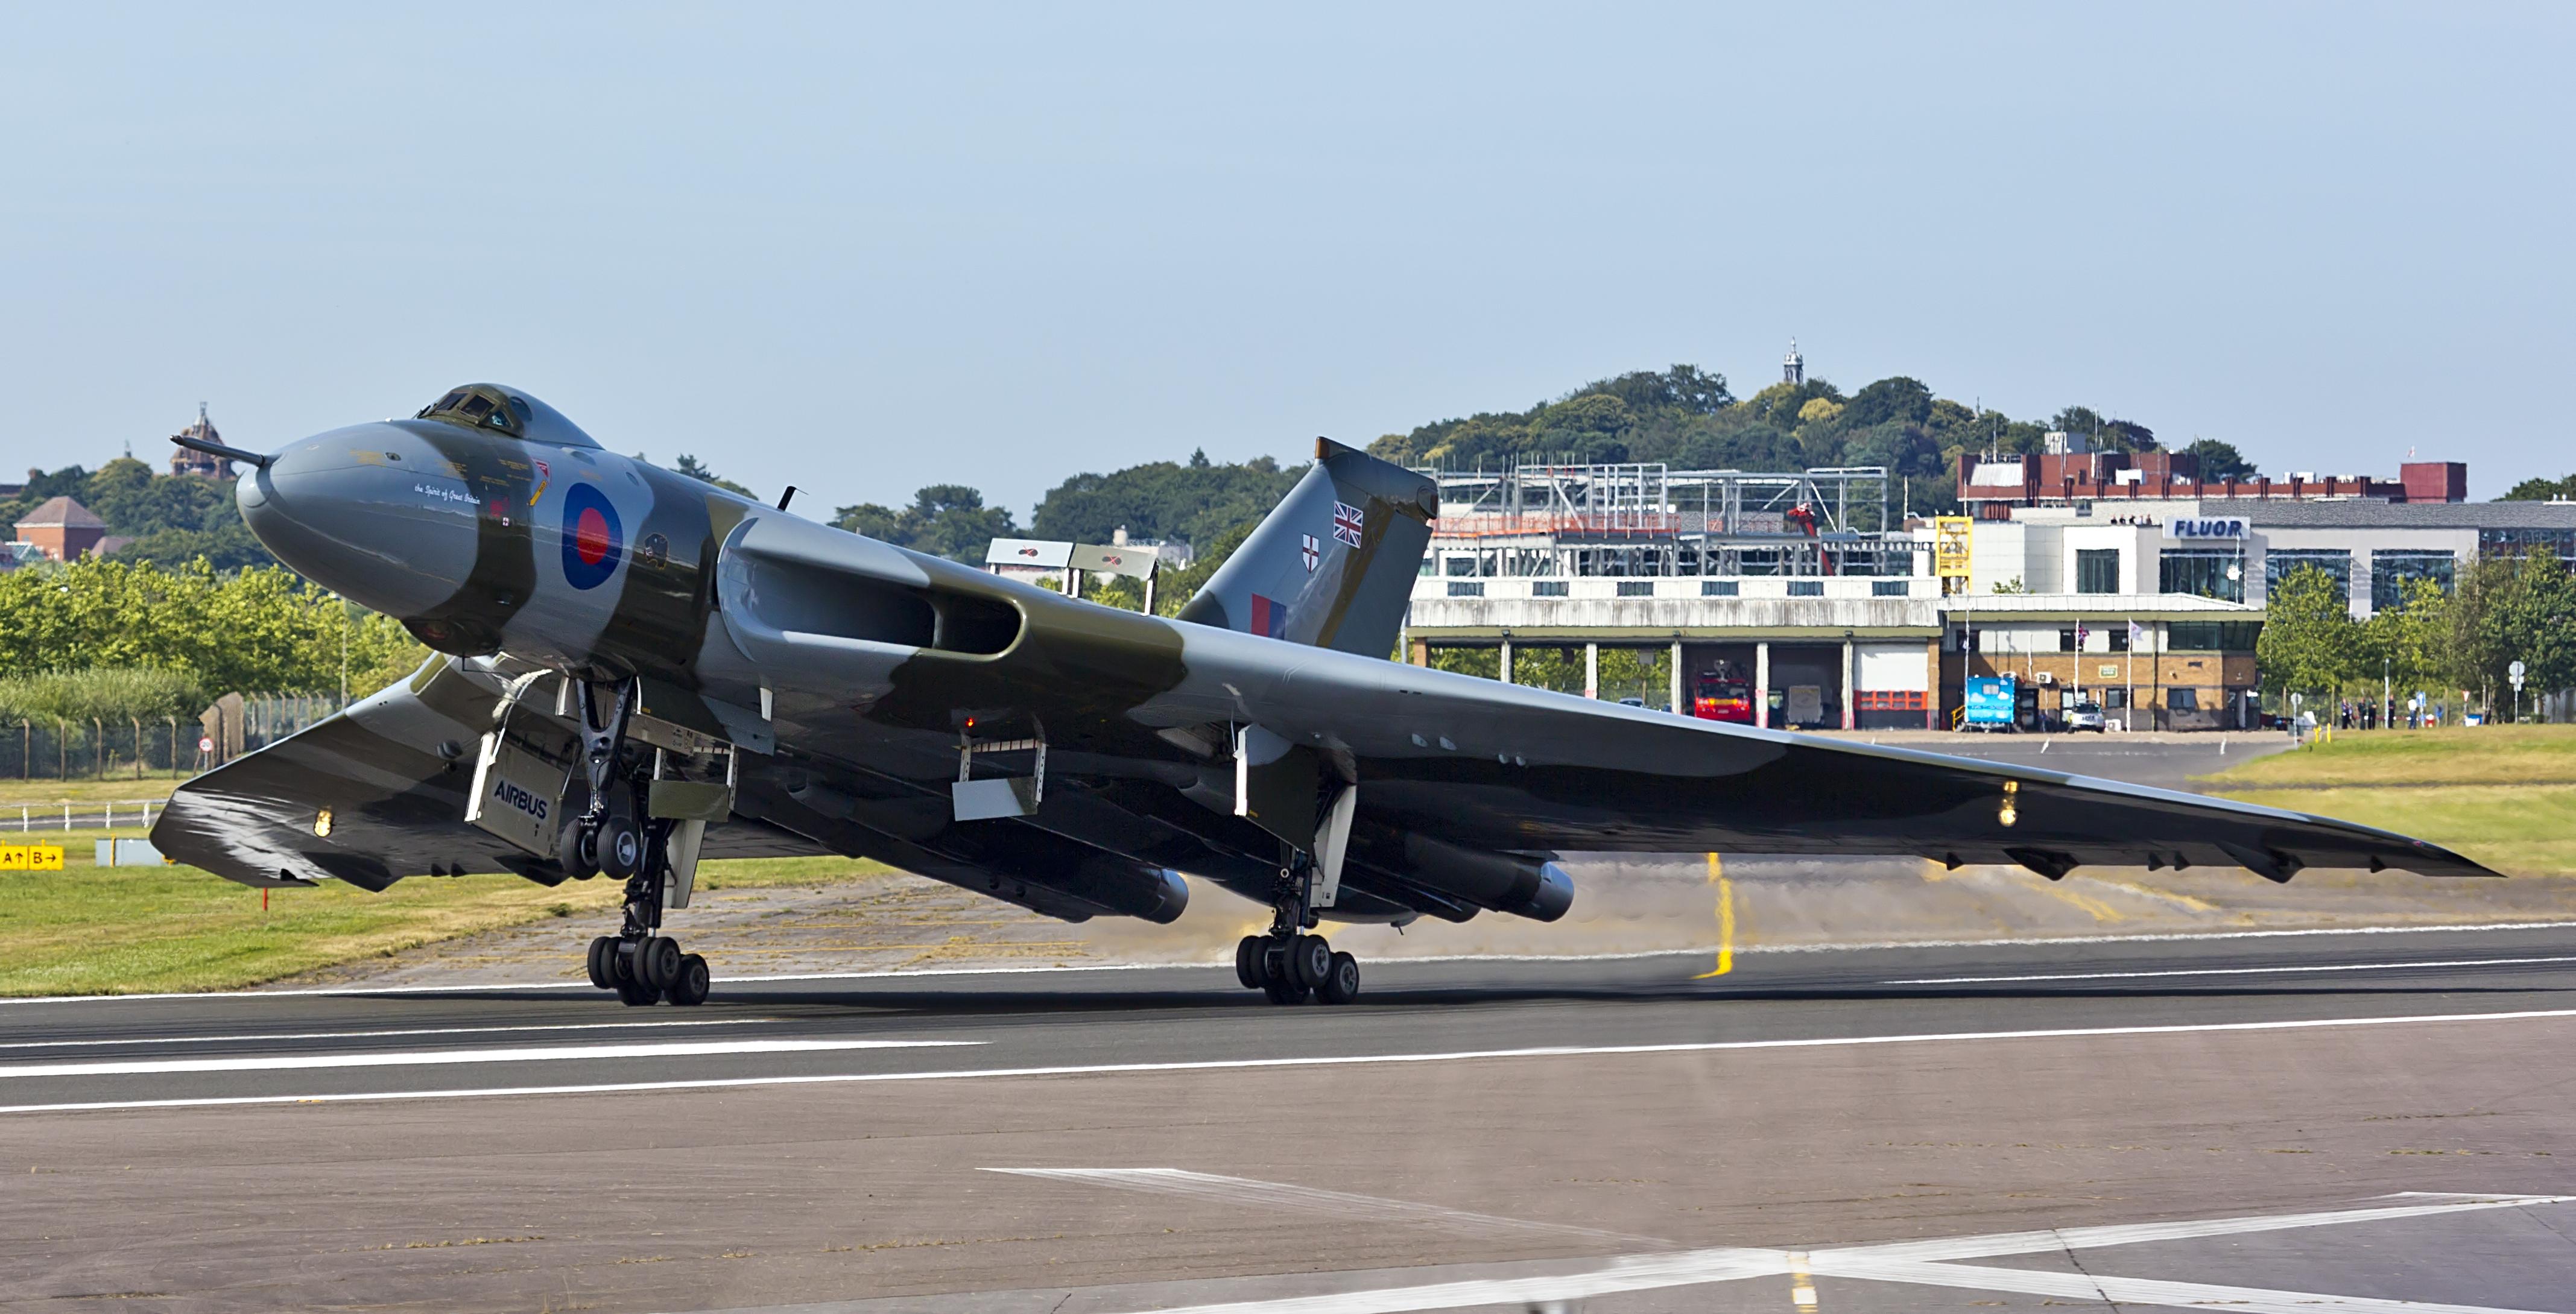 B078 Avro Vulcan